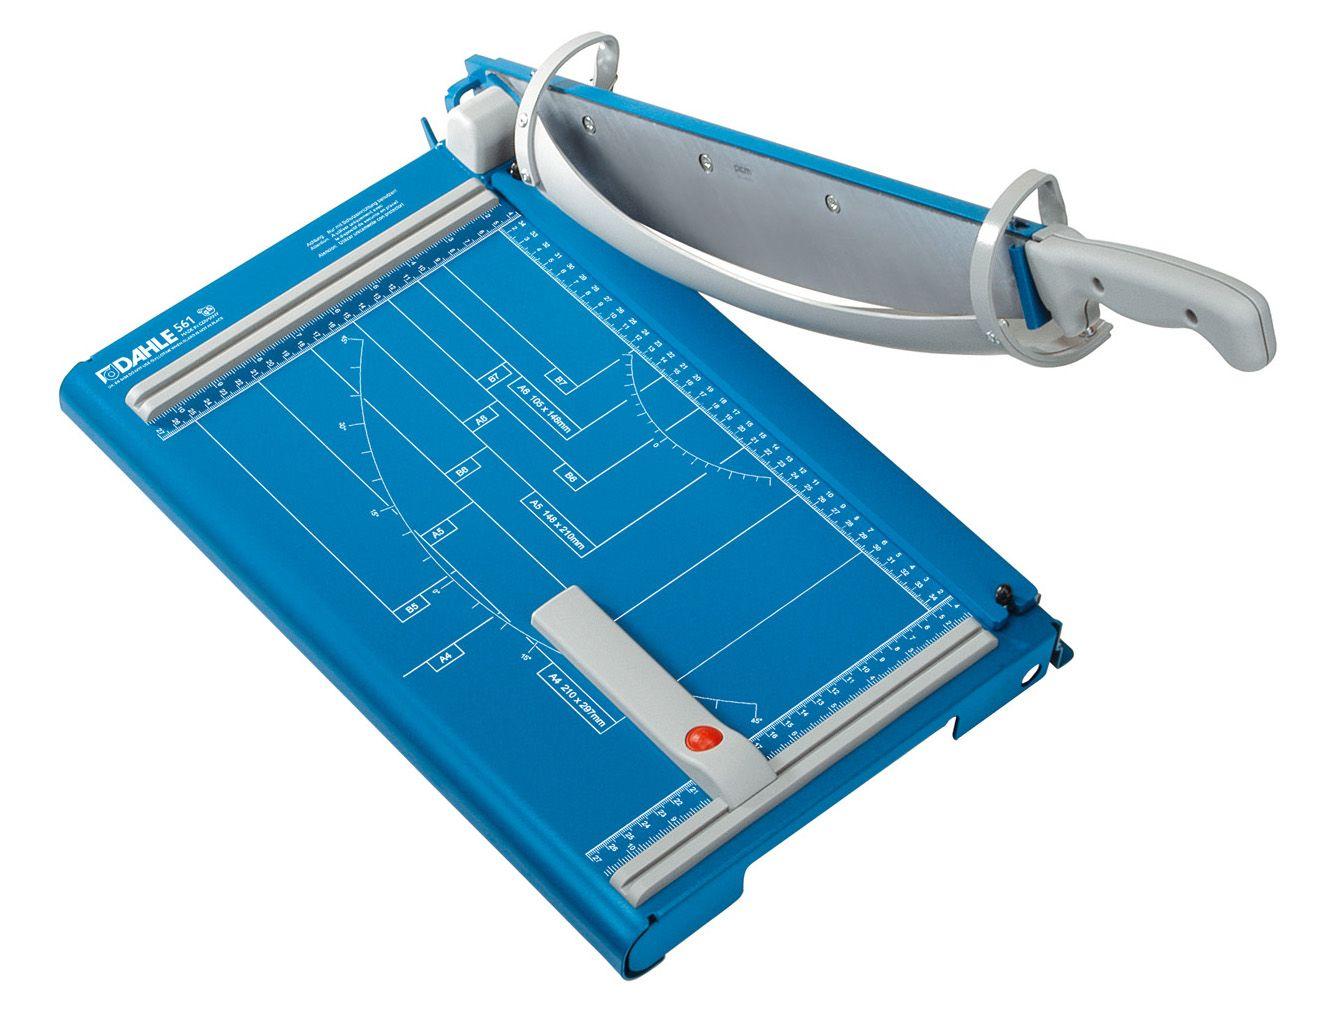 Páková řezačka papíru - DAHLE 561 - délka řezu 360 mm